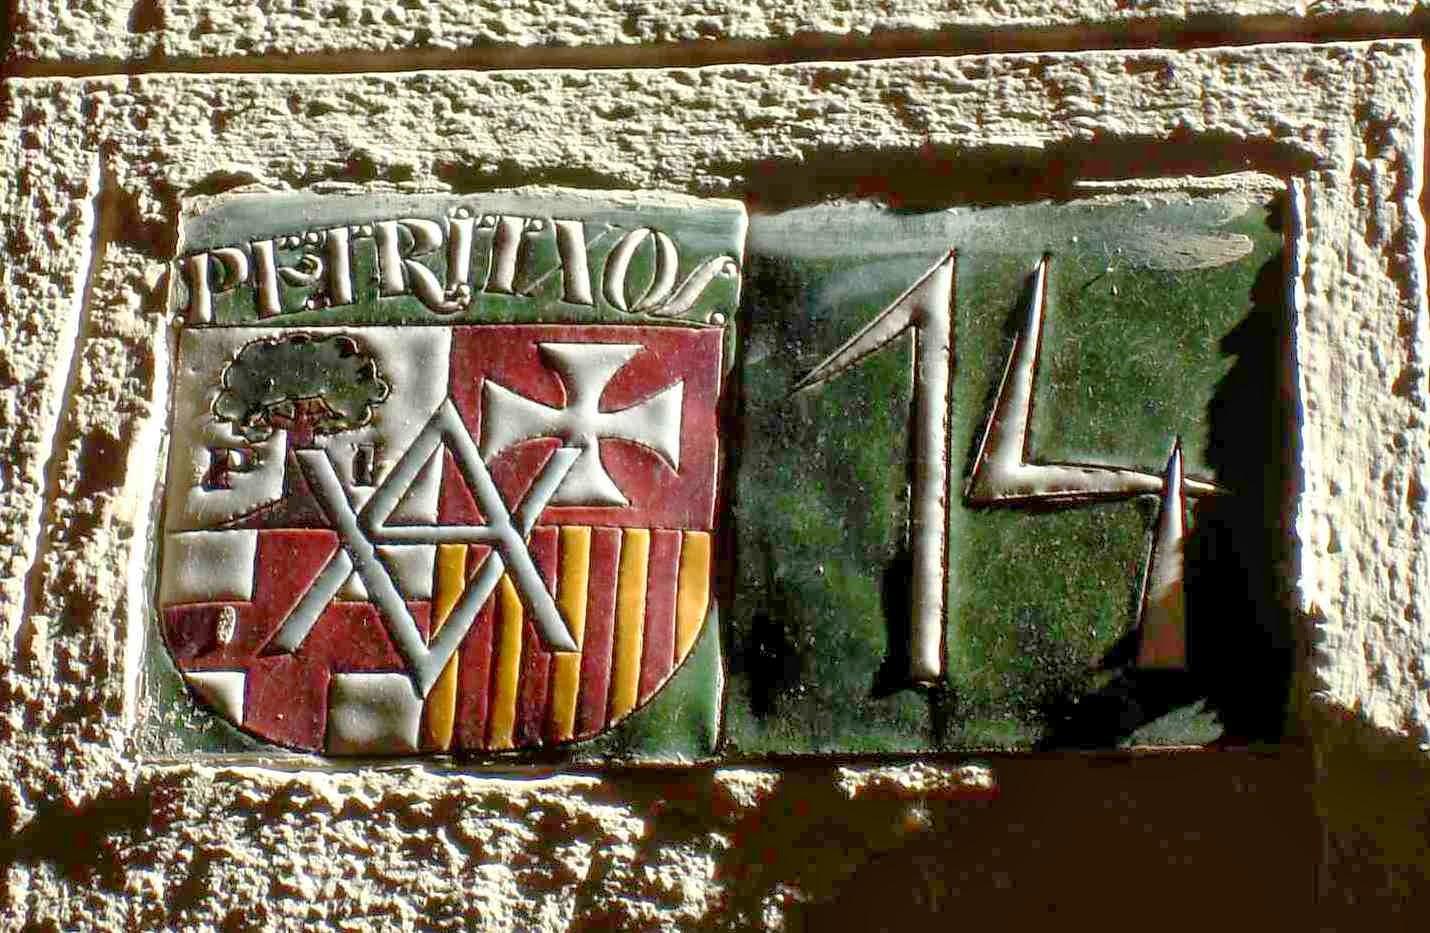 http://misqueridoscuadernos.blogspot.com.es/2014/03/carrer-petritxol-una-calle-de-mi-ciudad.html